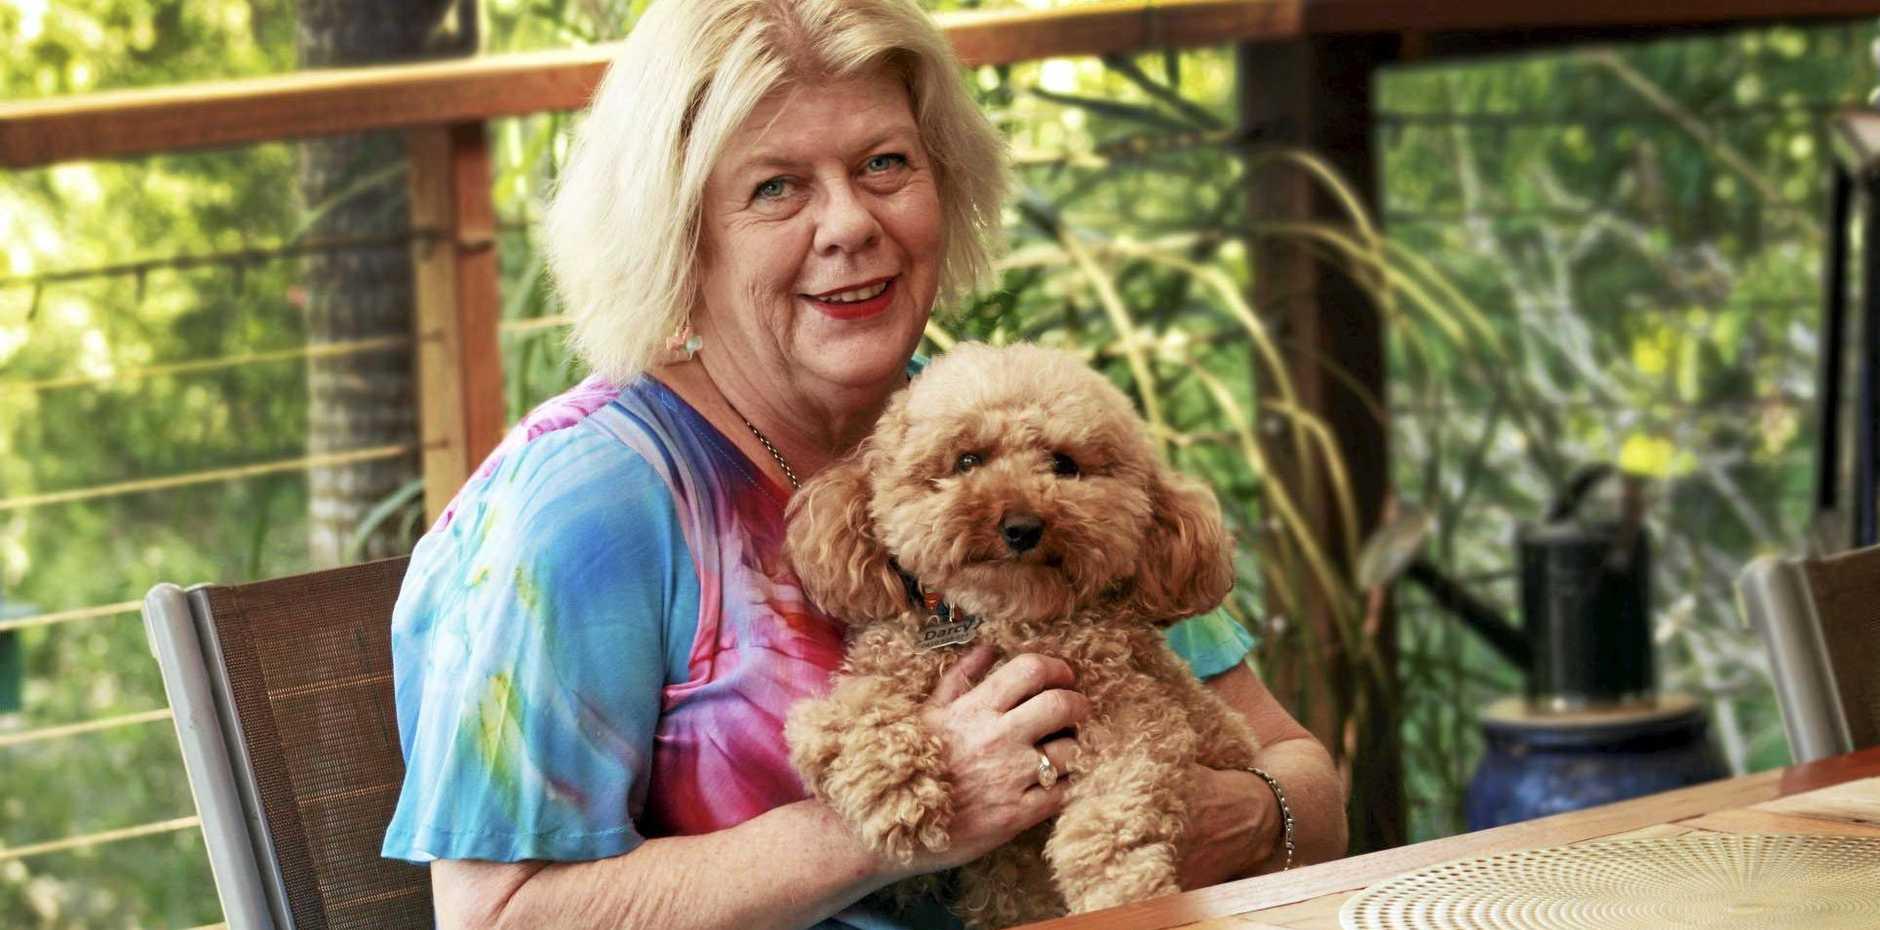 Jolie Wheeler enjoys running her own pet-sitting business through PetCloud.